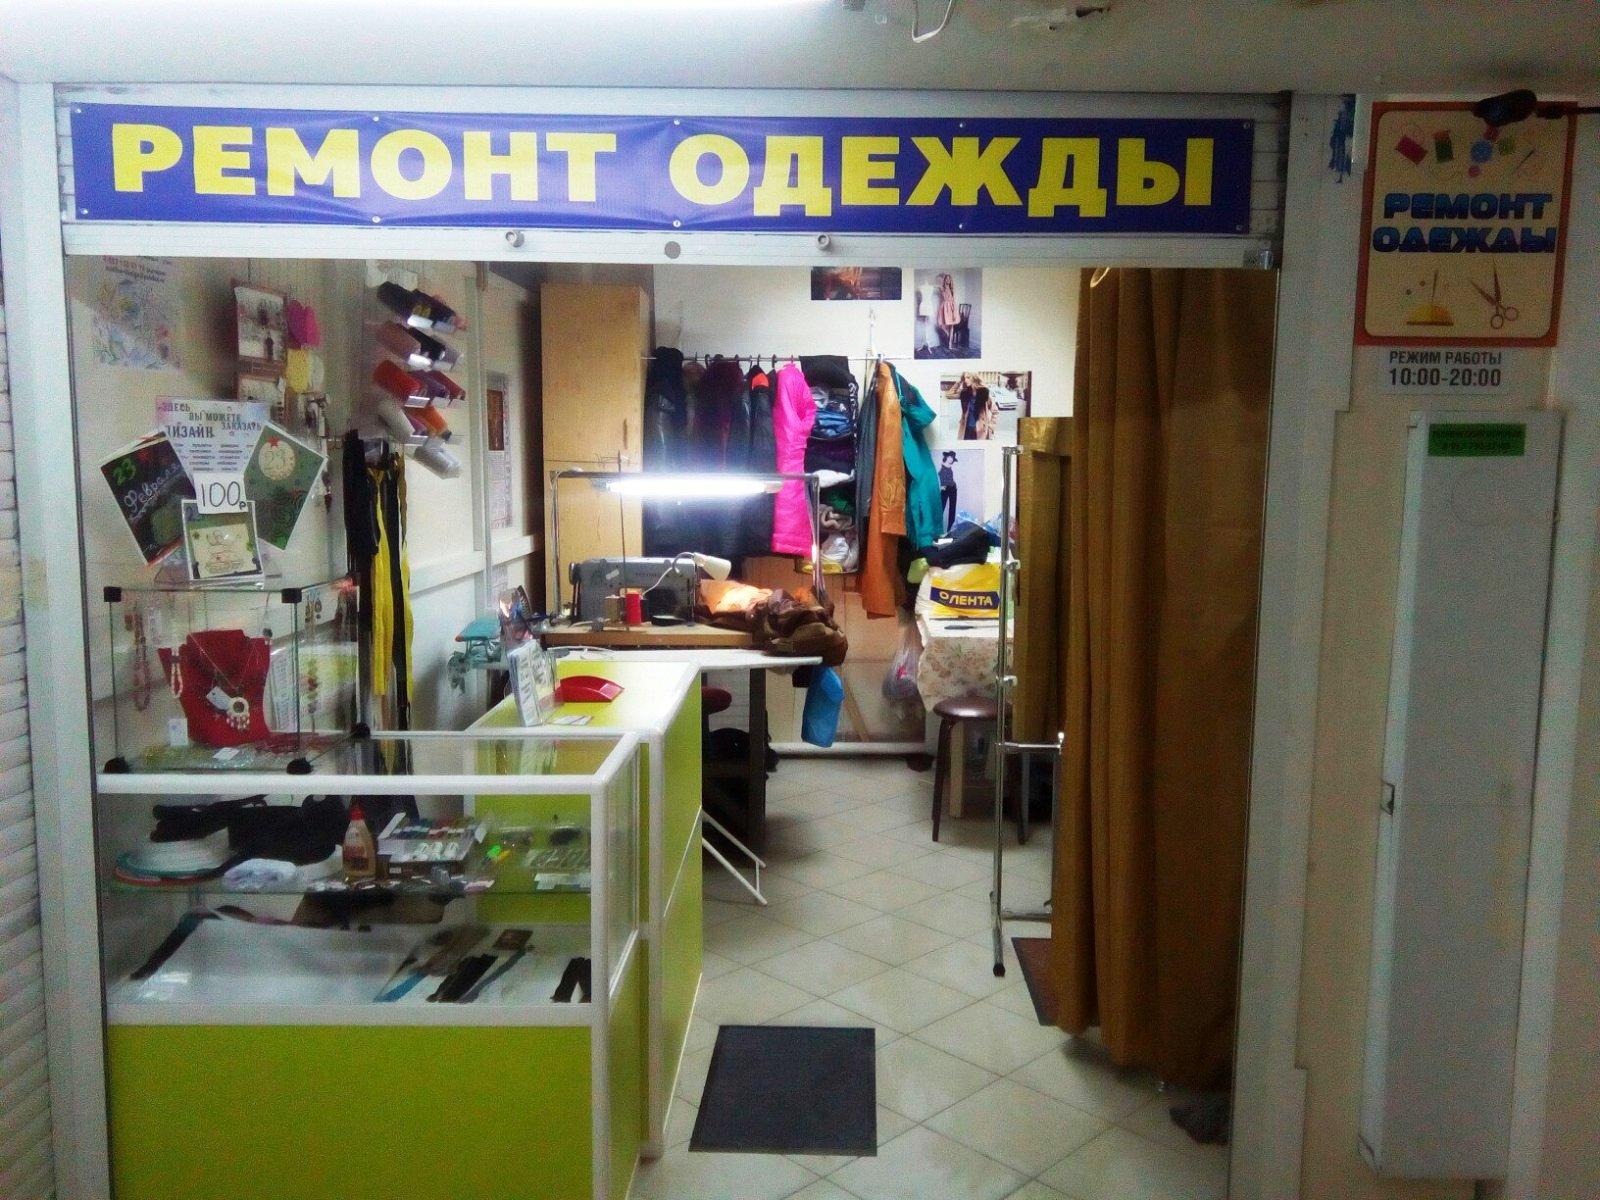 otkrytie_atele_po_remontu_odezhdy_-_vygodnoe_vlozhenie_s_minimalnymi_zatratami_1